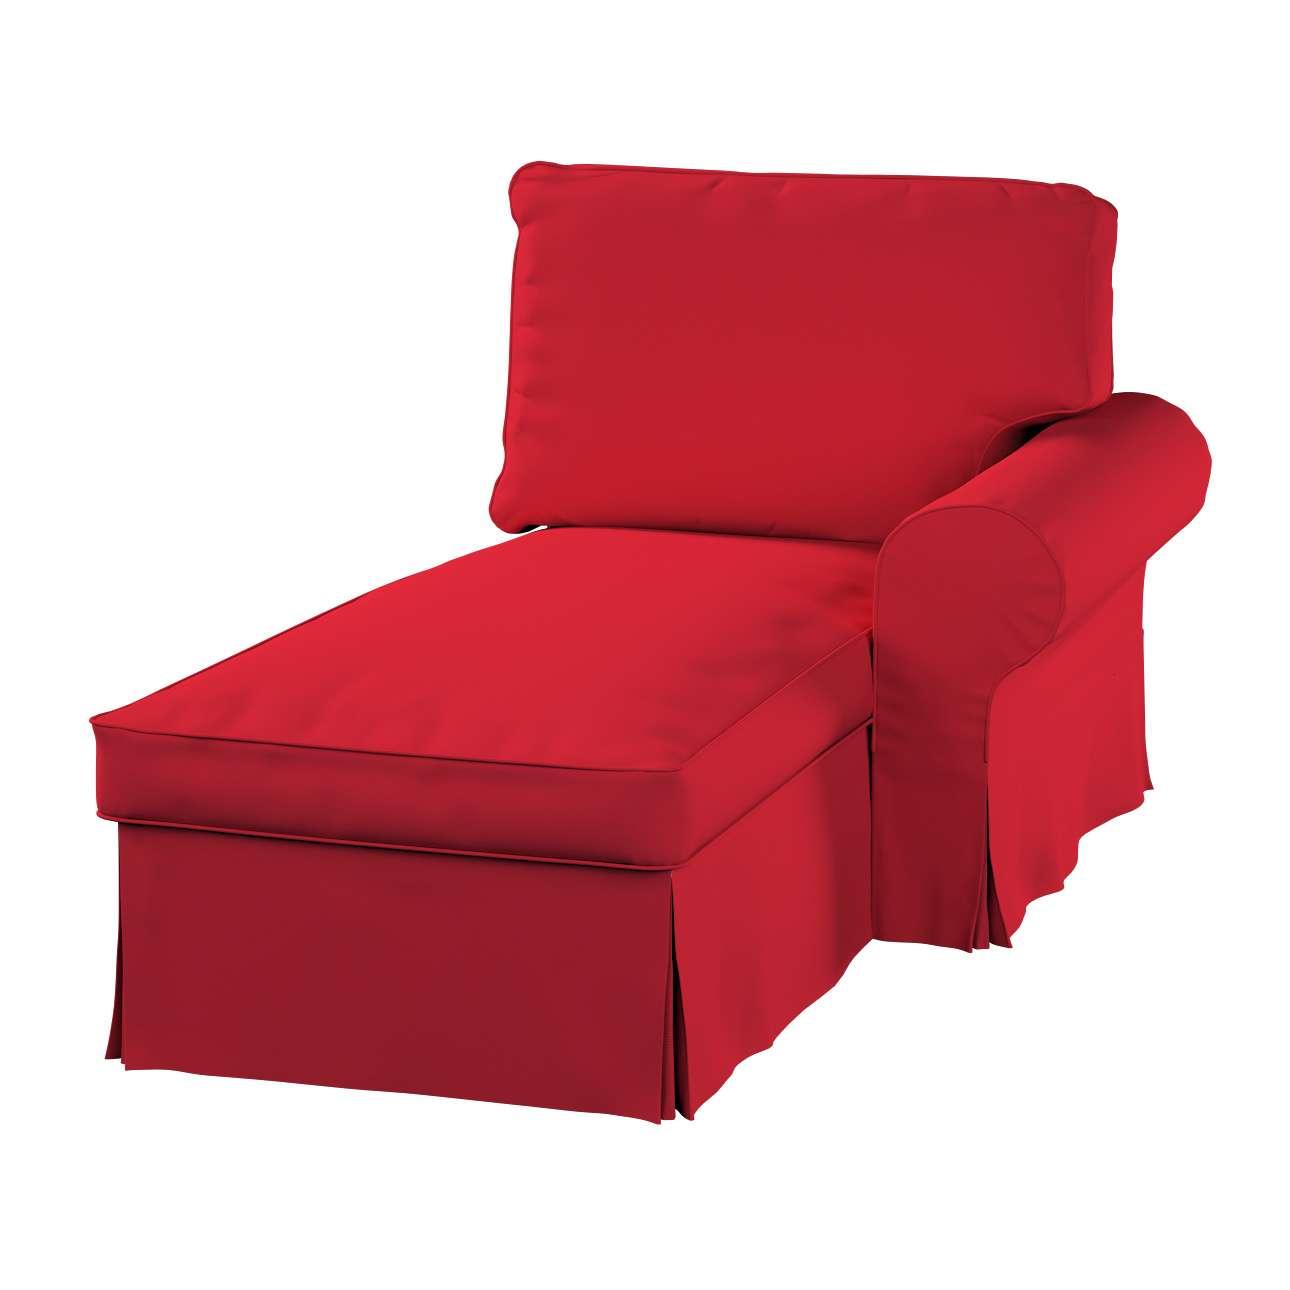 Ektorp gulimajo krėslo užvalkalas  (su porankiu, dešiniojo) Ektorp gulimojo krėslo užvalkalas su porankiu (dešiniojo) kolekcijoje Cotton Panama, audinys: 702-04